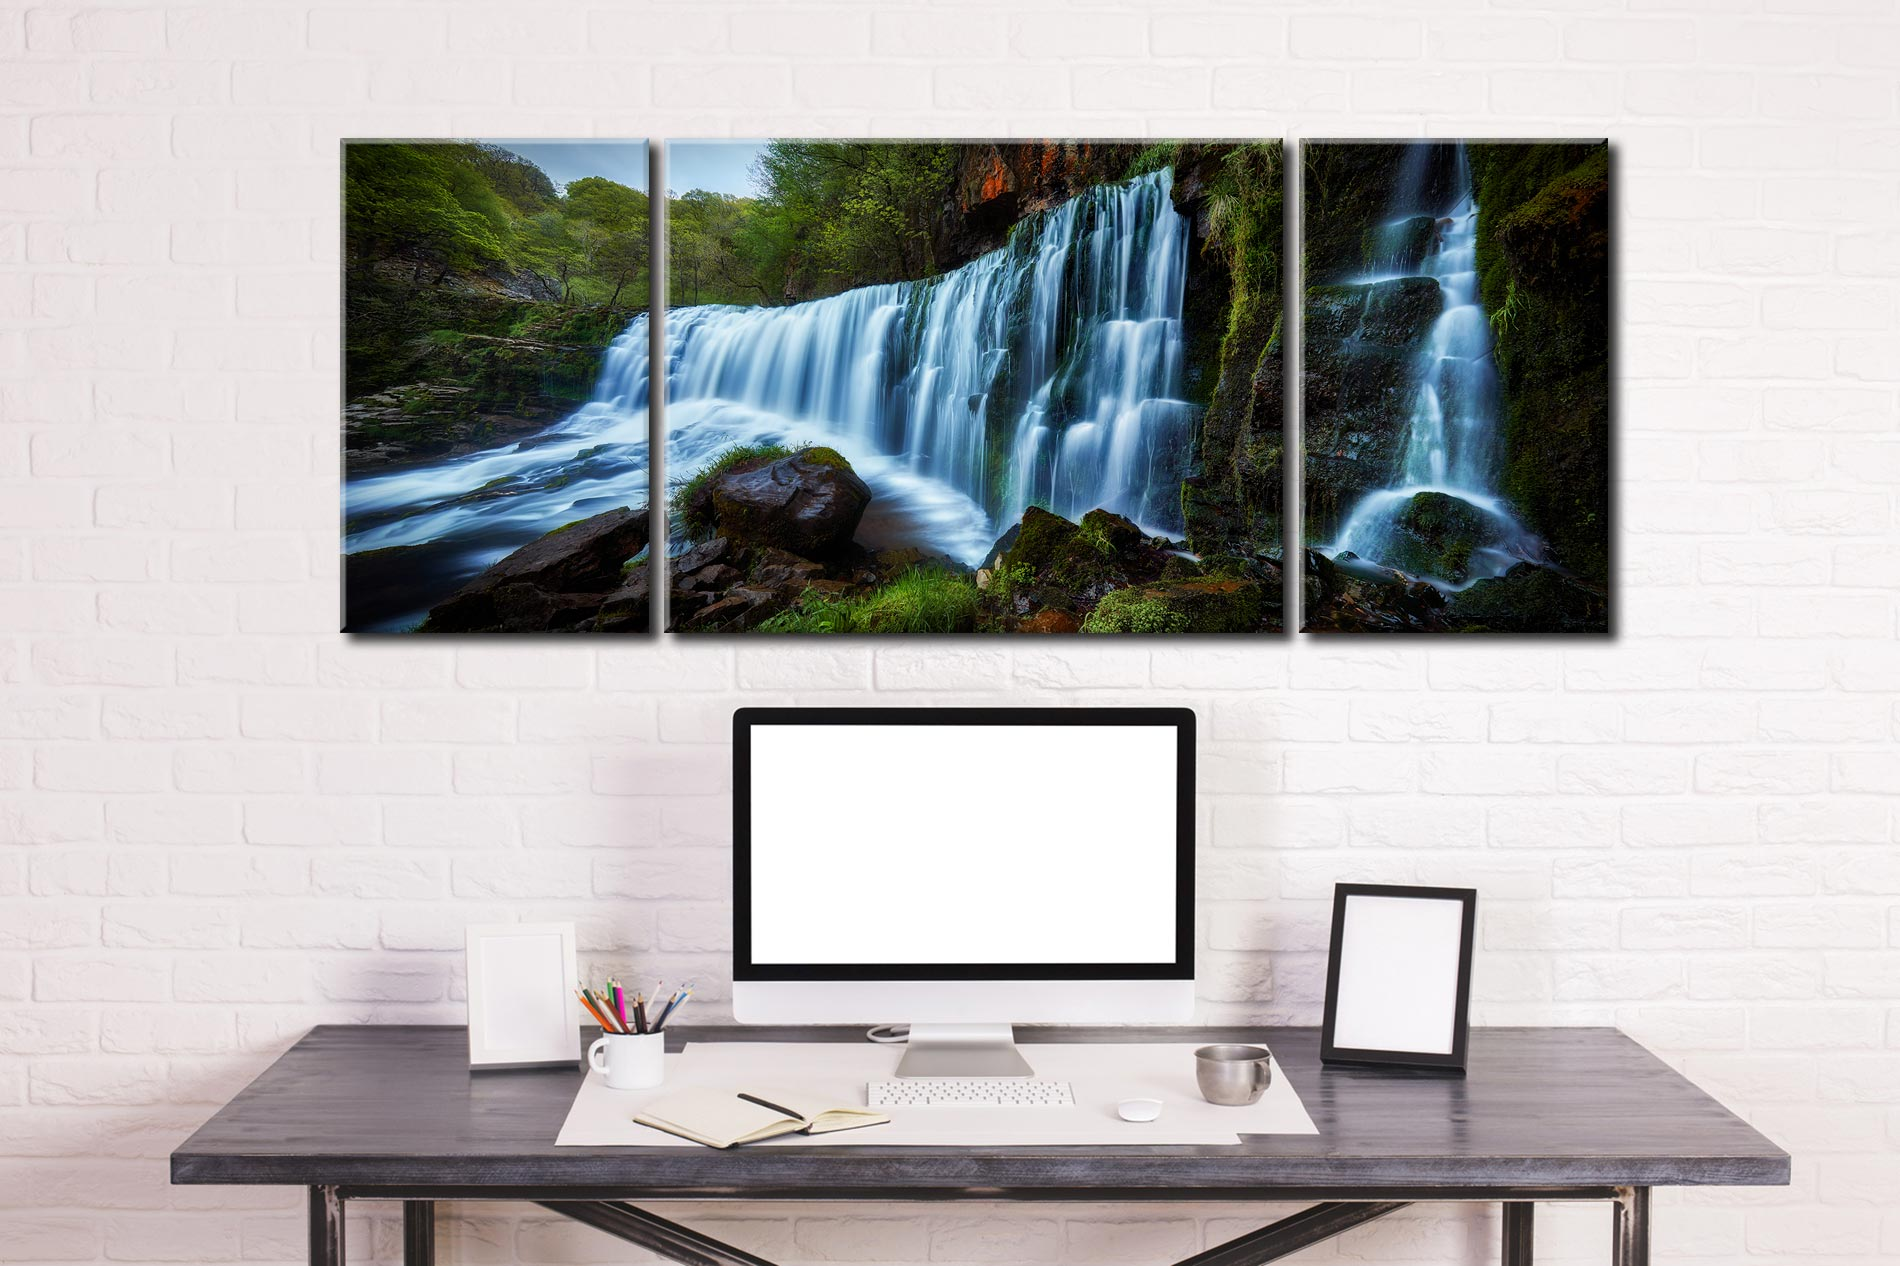 Upper Sgwd Isaf Clun-Gwyn Waterfall - 3 Panel Wide Mid Canvas on Wall